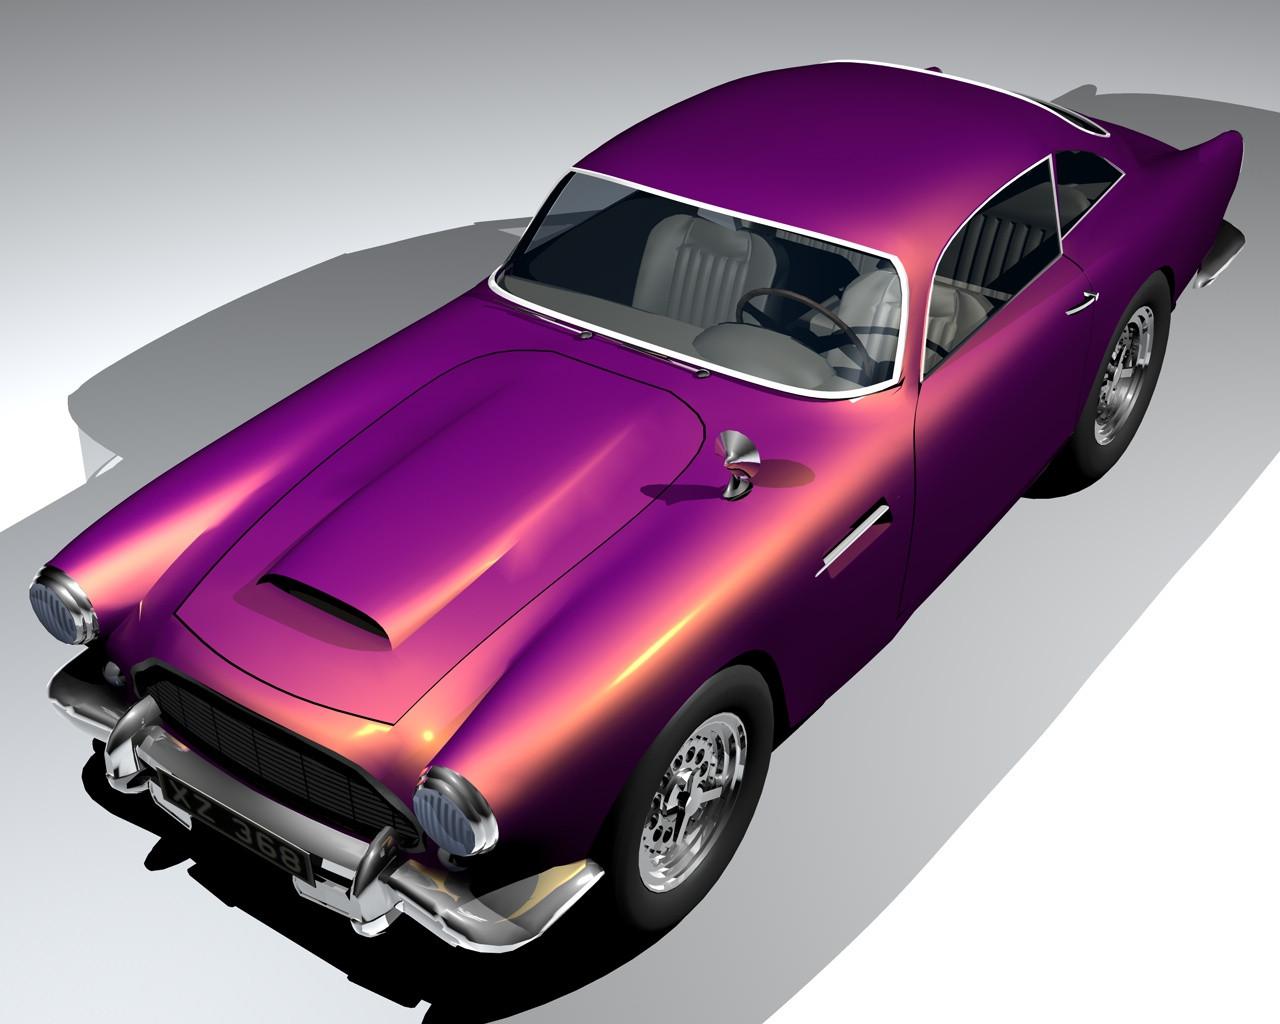 Best ideas about Custom Car Paint Colors . Save or Pin Purple Car Paint Colors Paint Color Ideas Now.